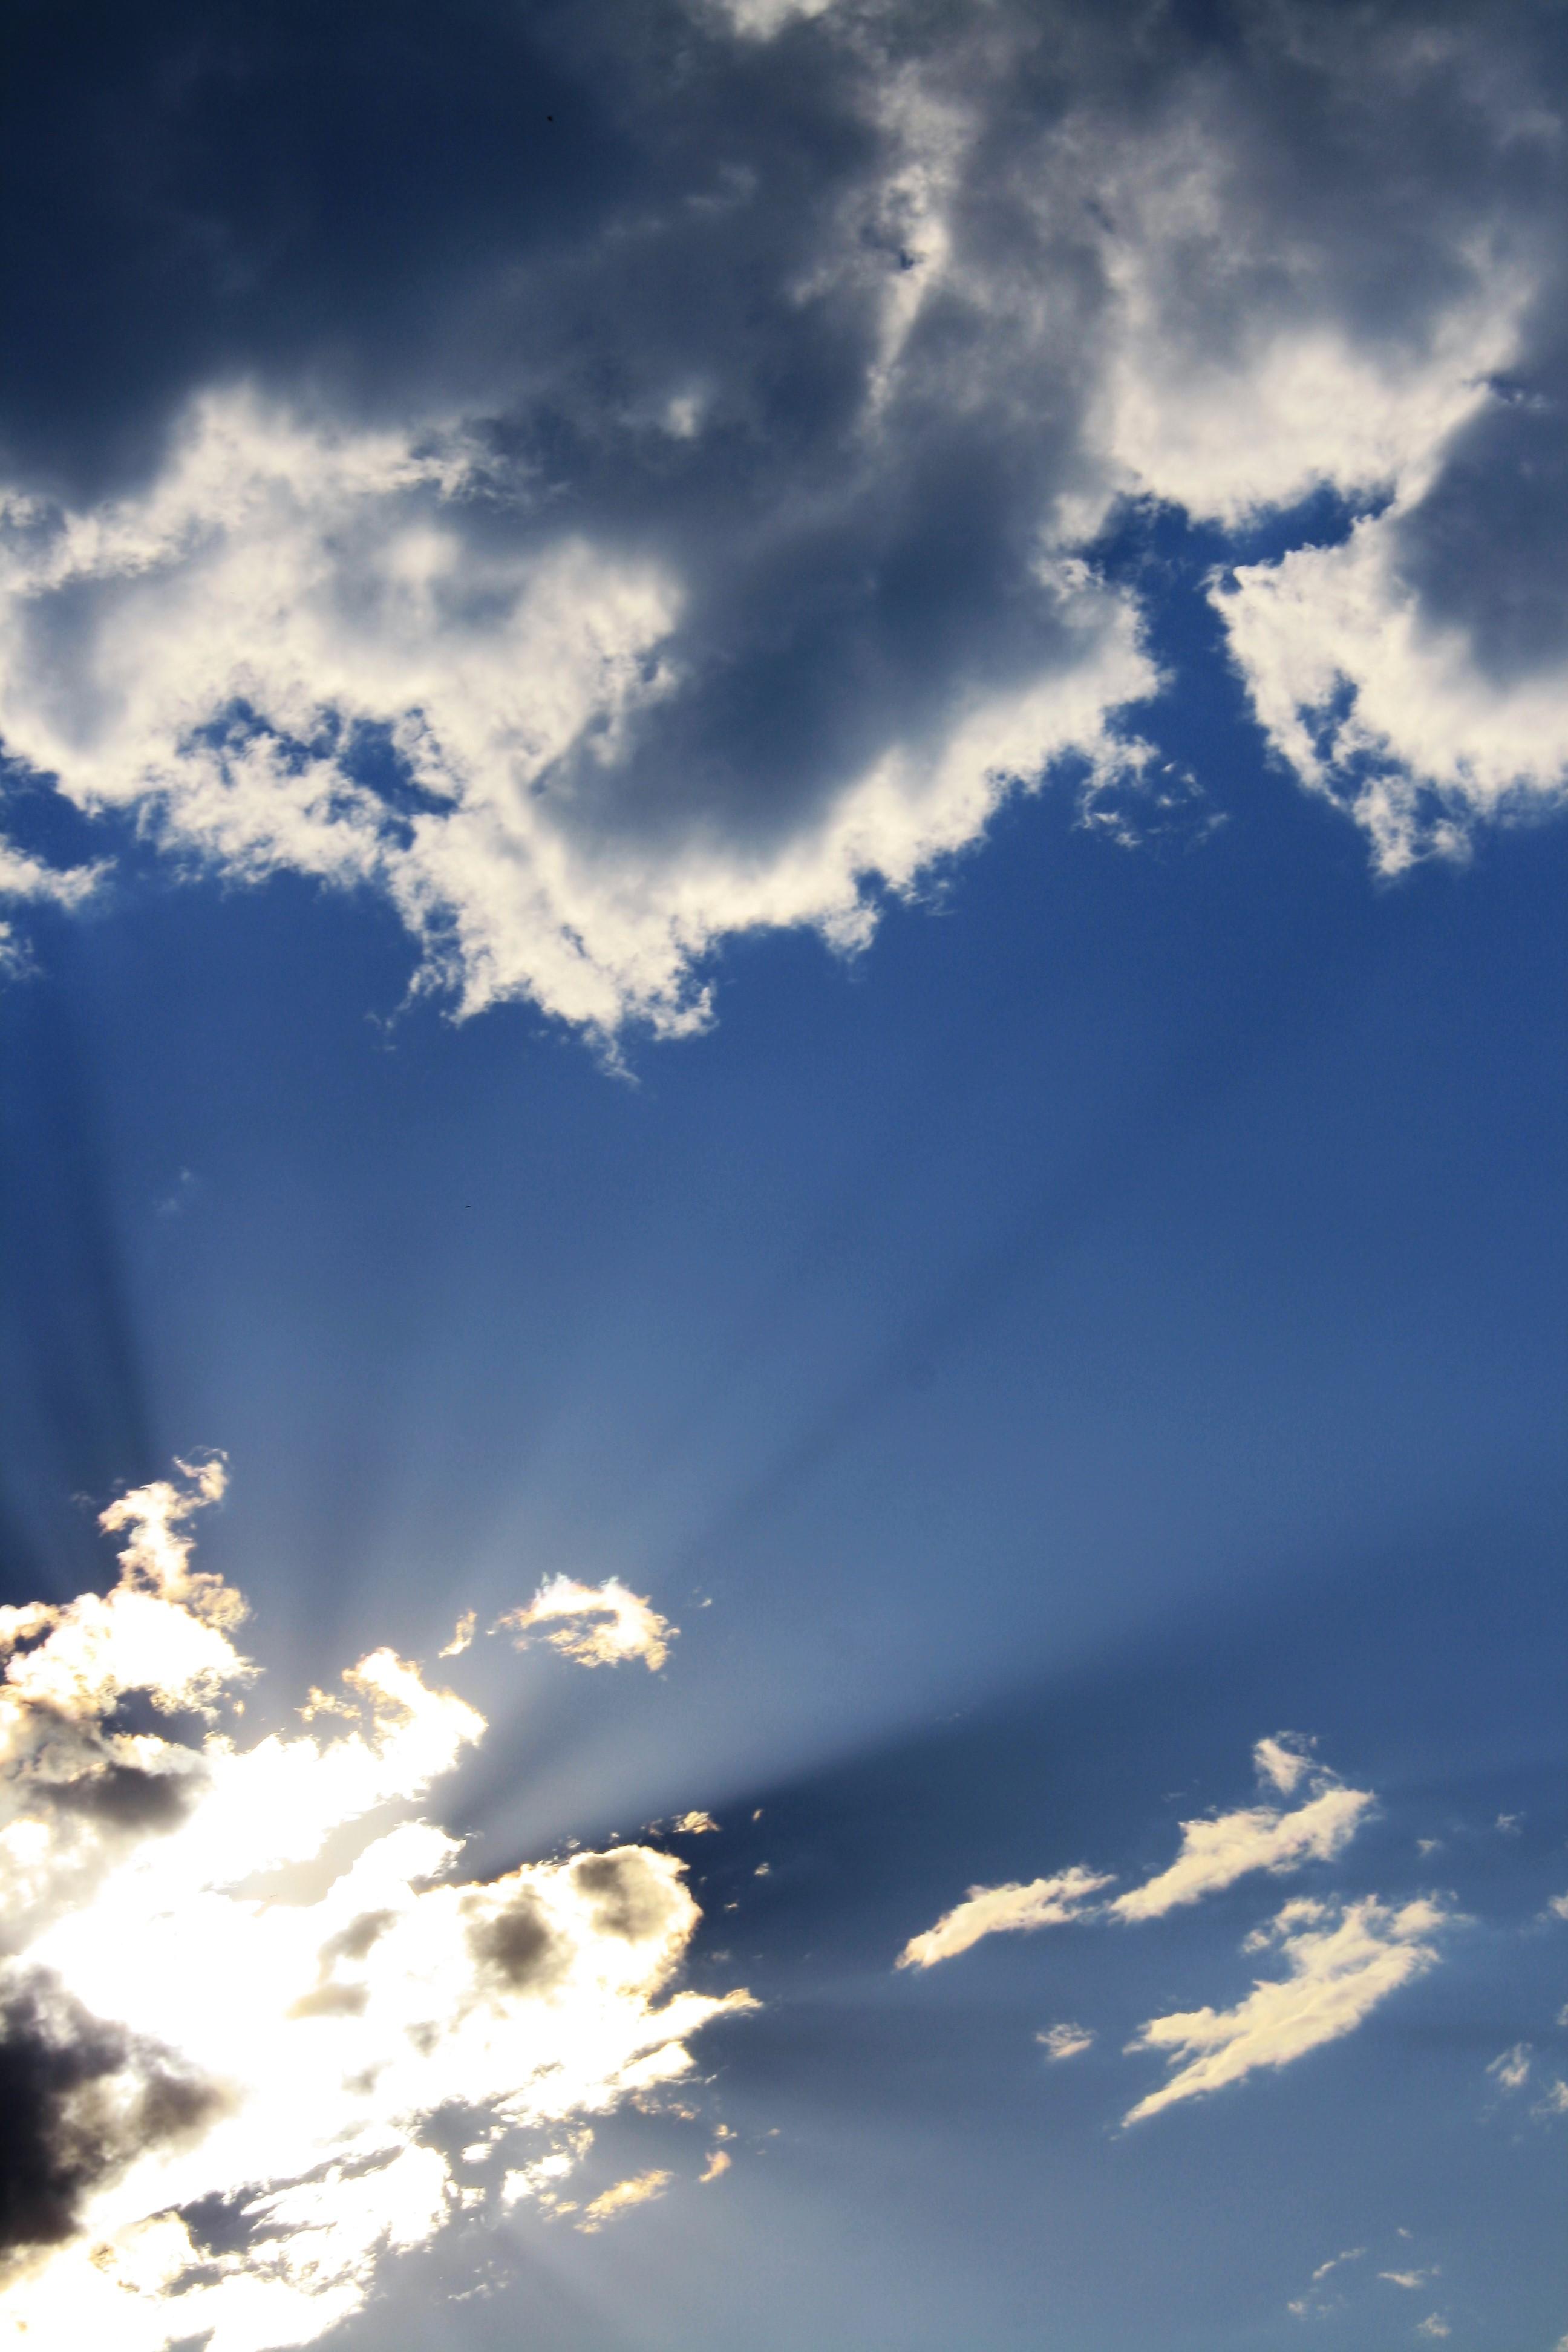 DM_nature_clouds_9613